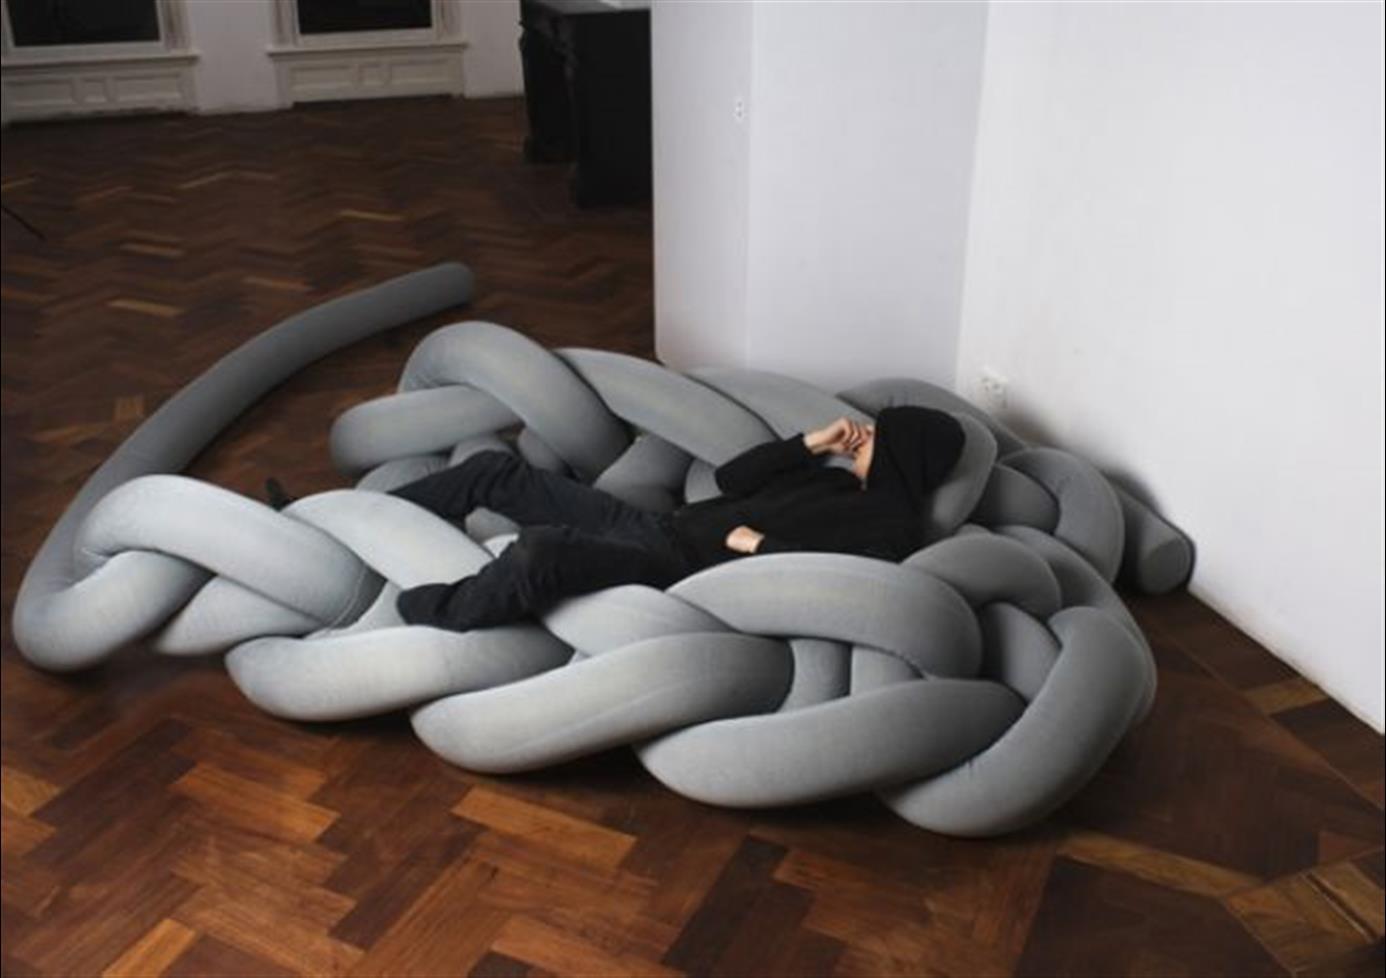 desain-tempat-tidur-dari-benang-rajutan-warna-abu-abu